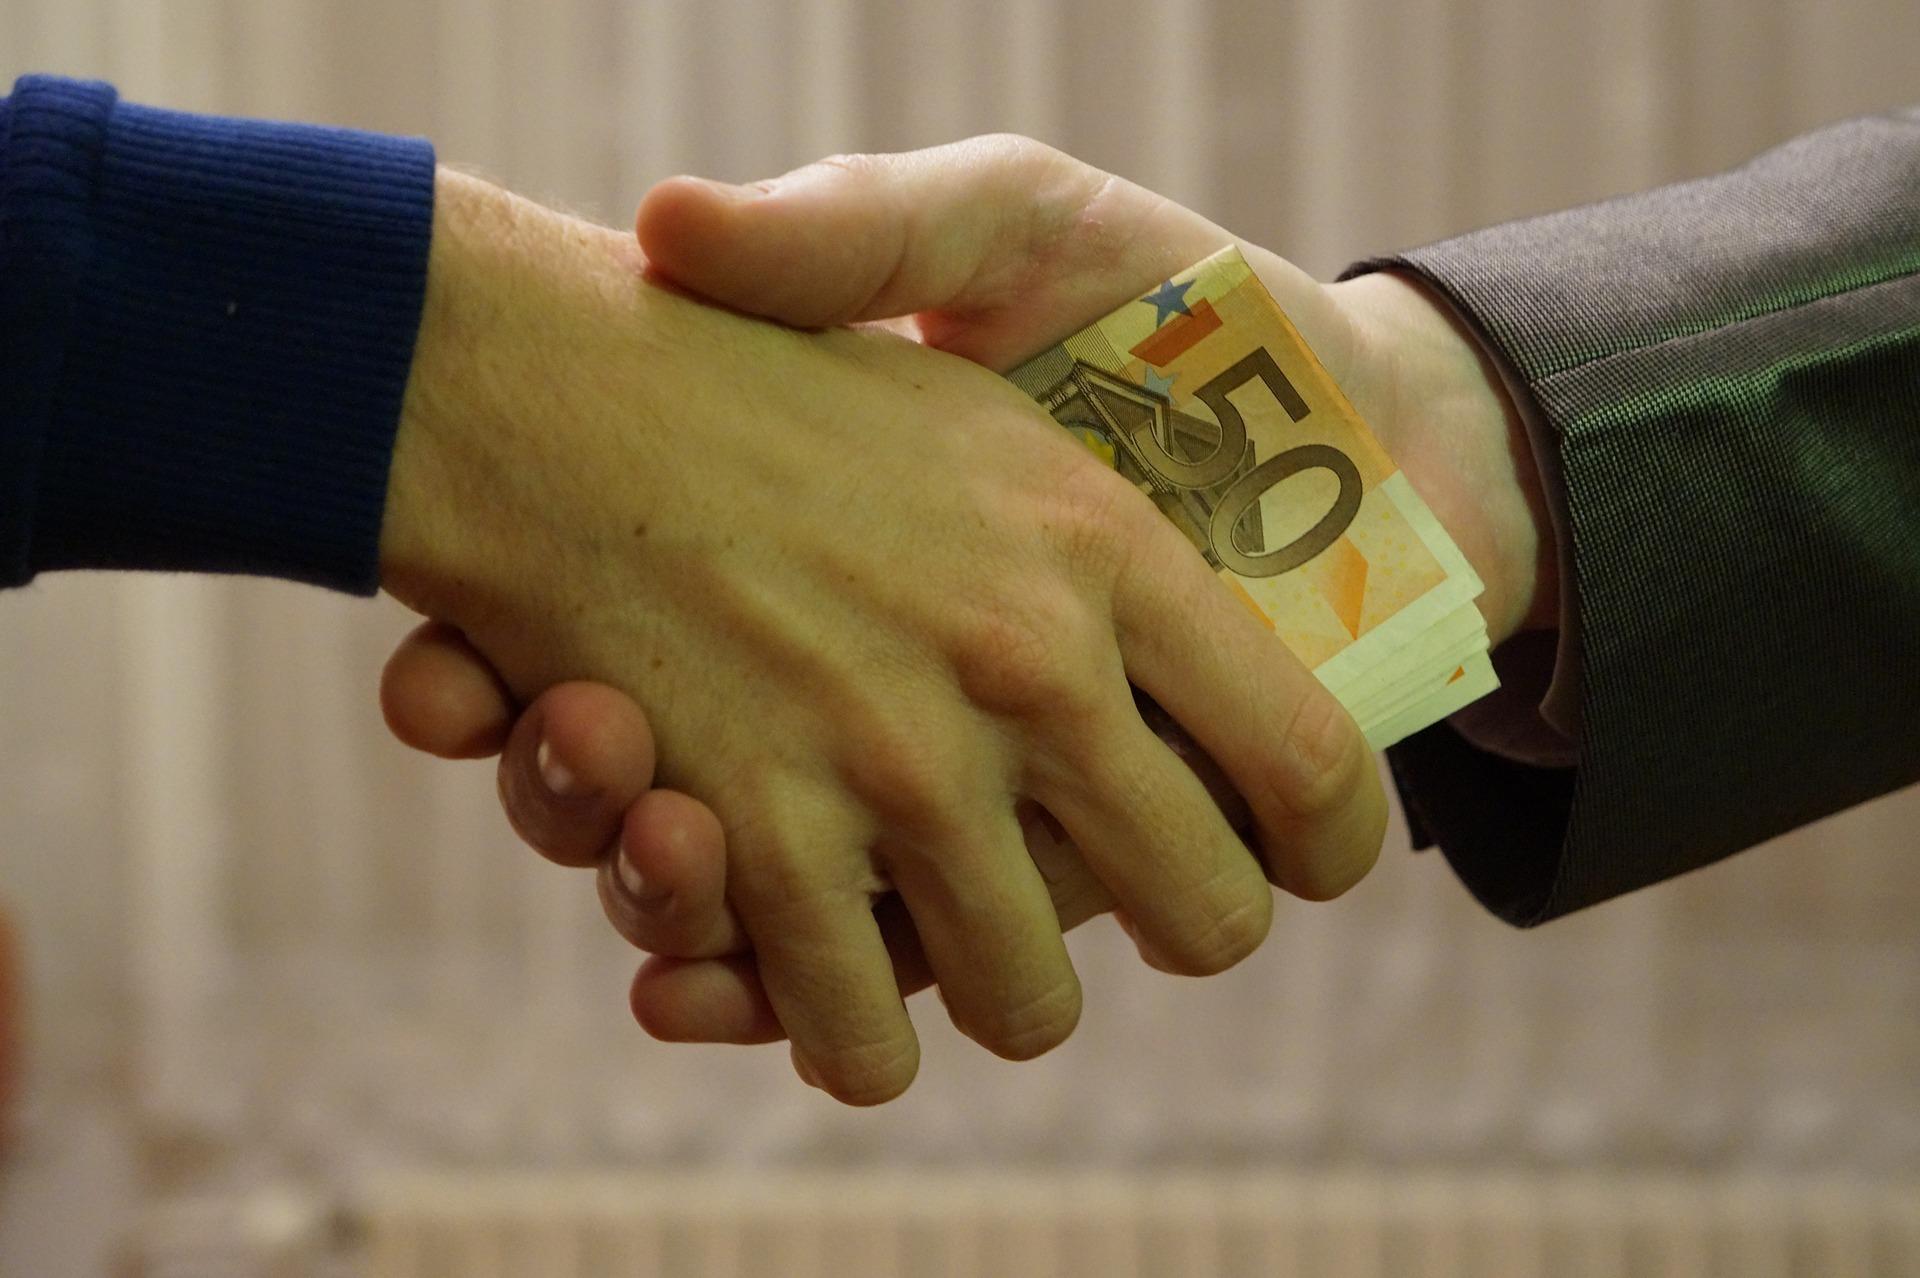 Laut dem aktuellen Quartalsbericht der Bank für Internationalen Zahlungsausgleich (BIZ) sind die Vermögenswerte privater Kredite zwischen 2010 und 2018 von 300 Milliarden auf 800 Milliarden Dollar gewachsen.